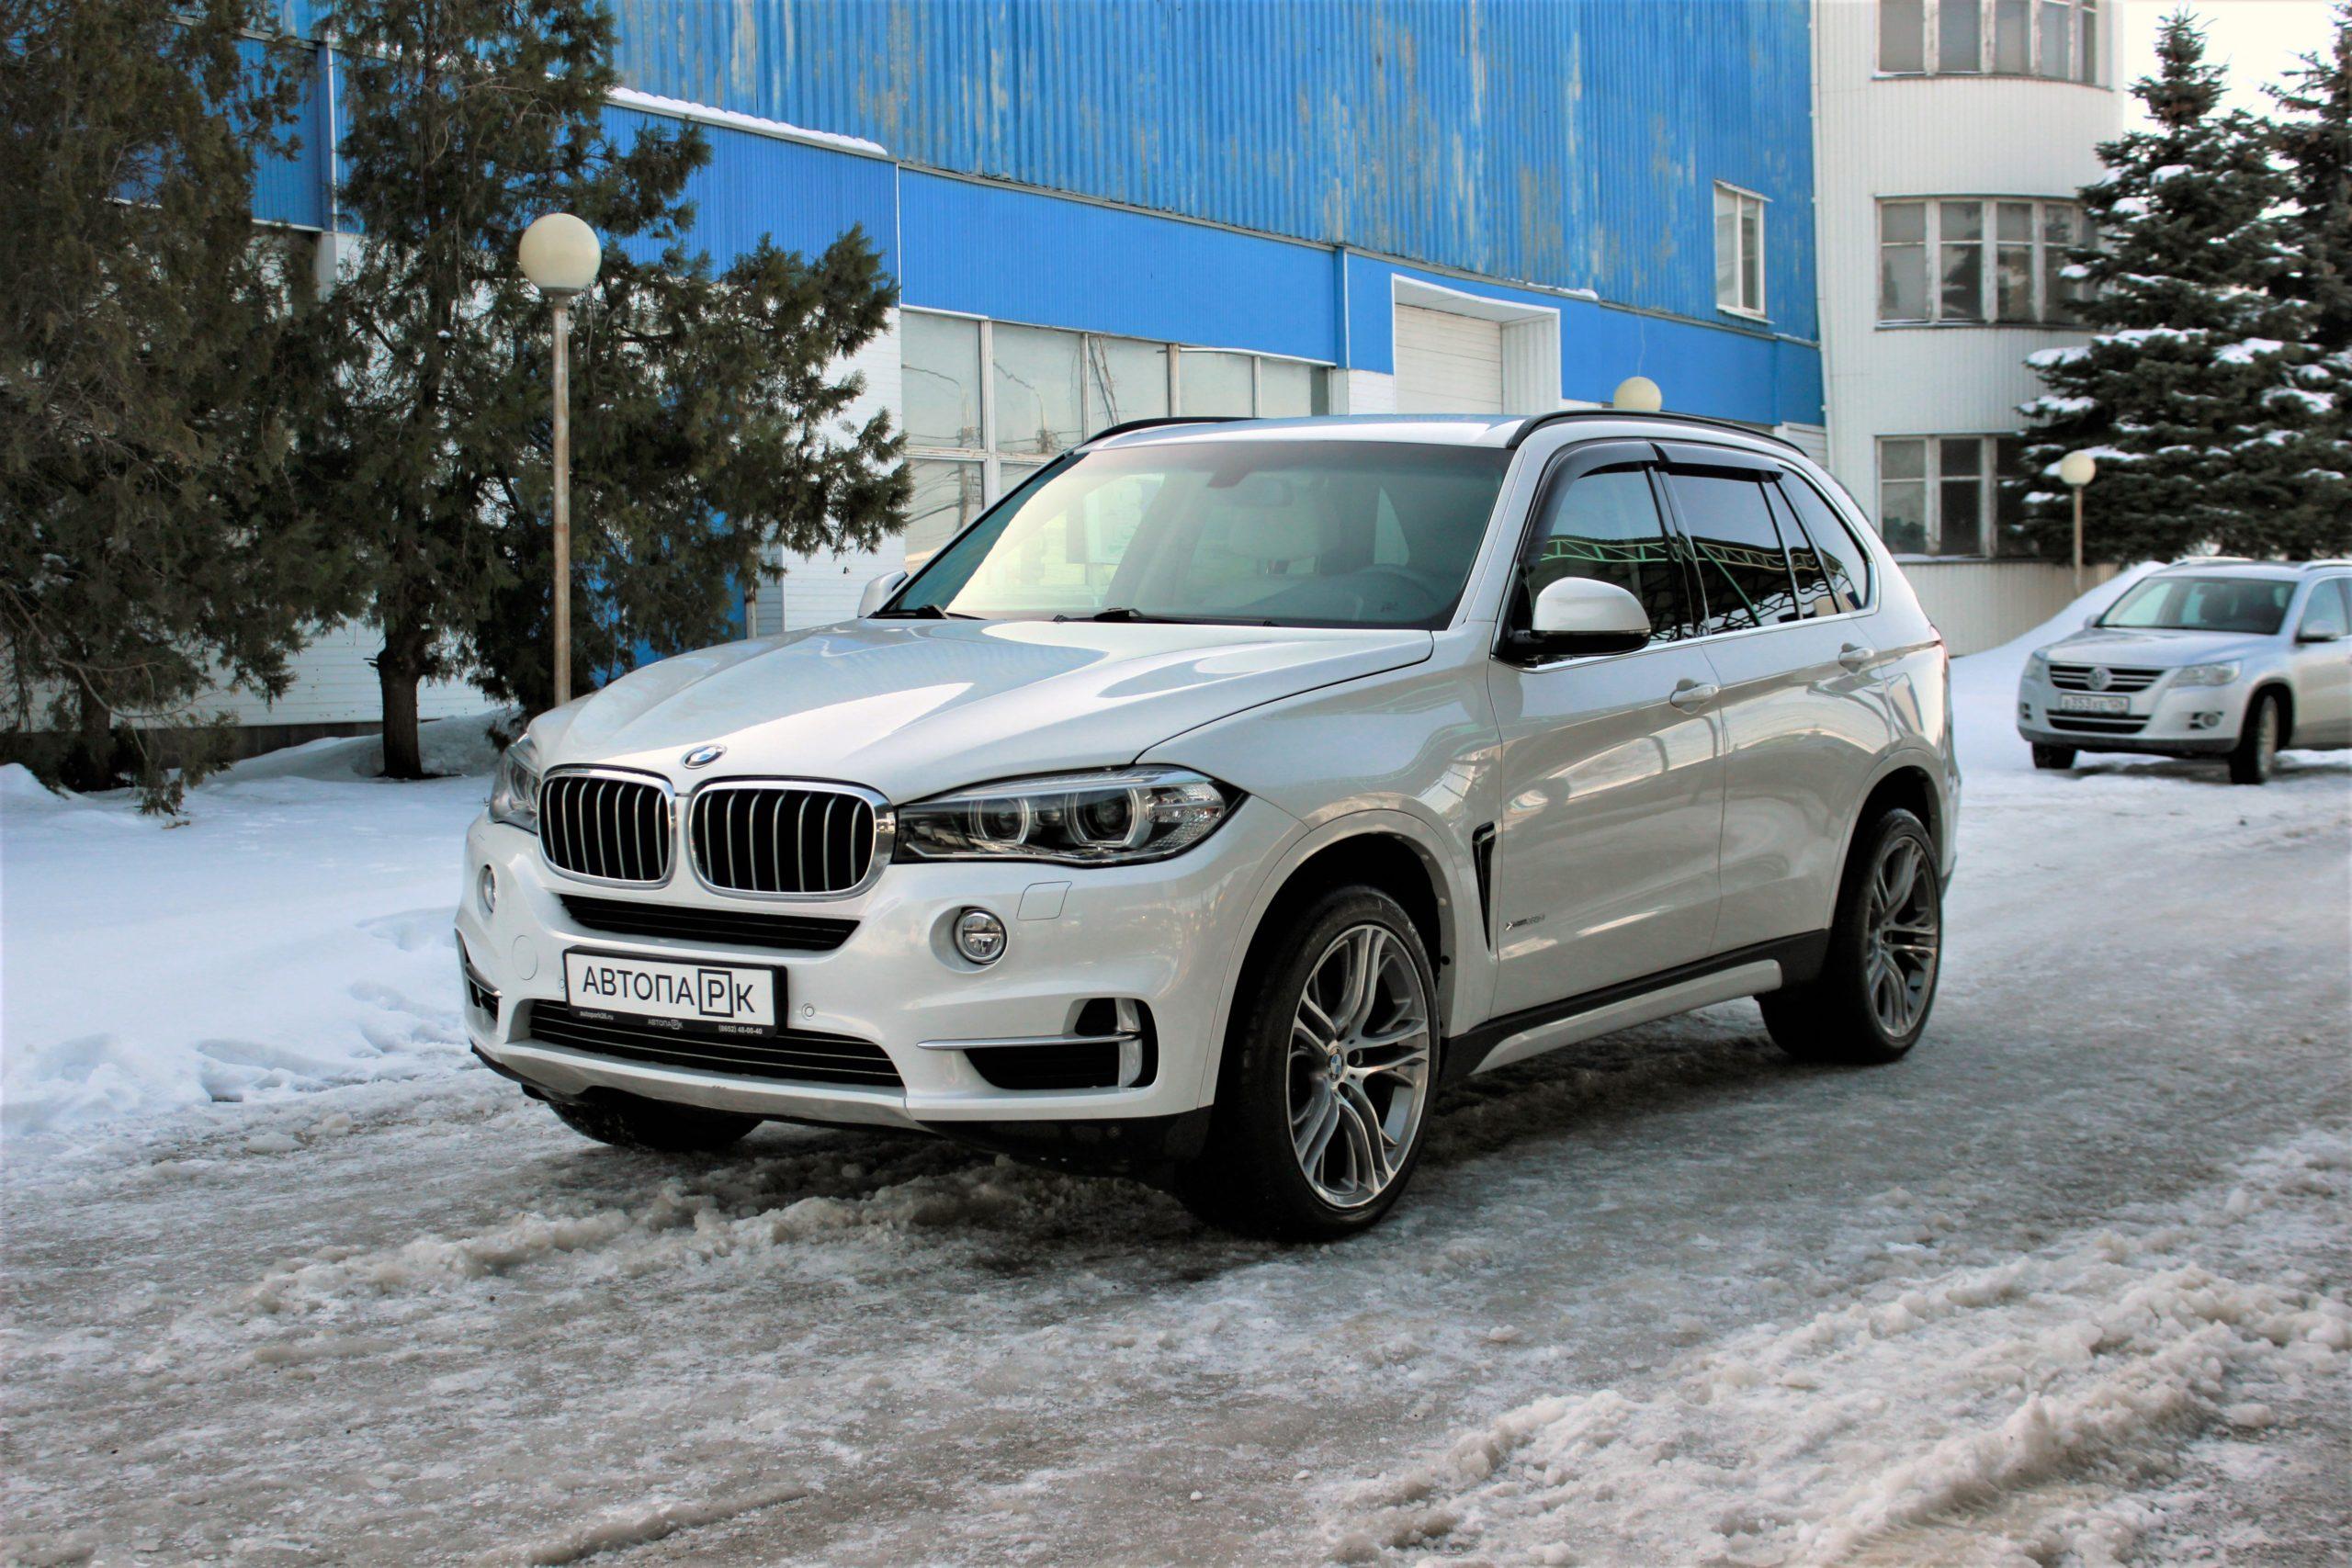 Купить BMW X5 (Белый) - Автопарк Ставрополь